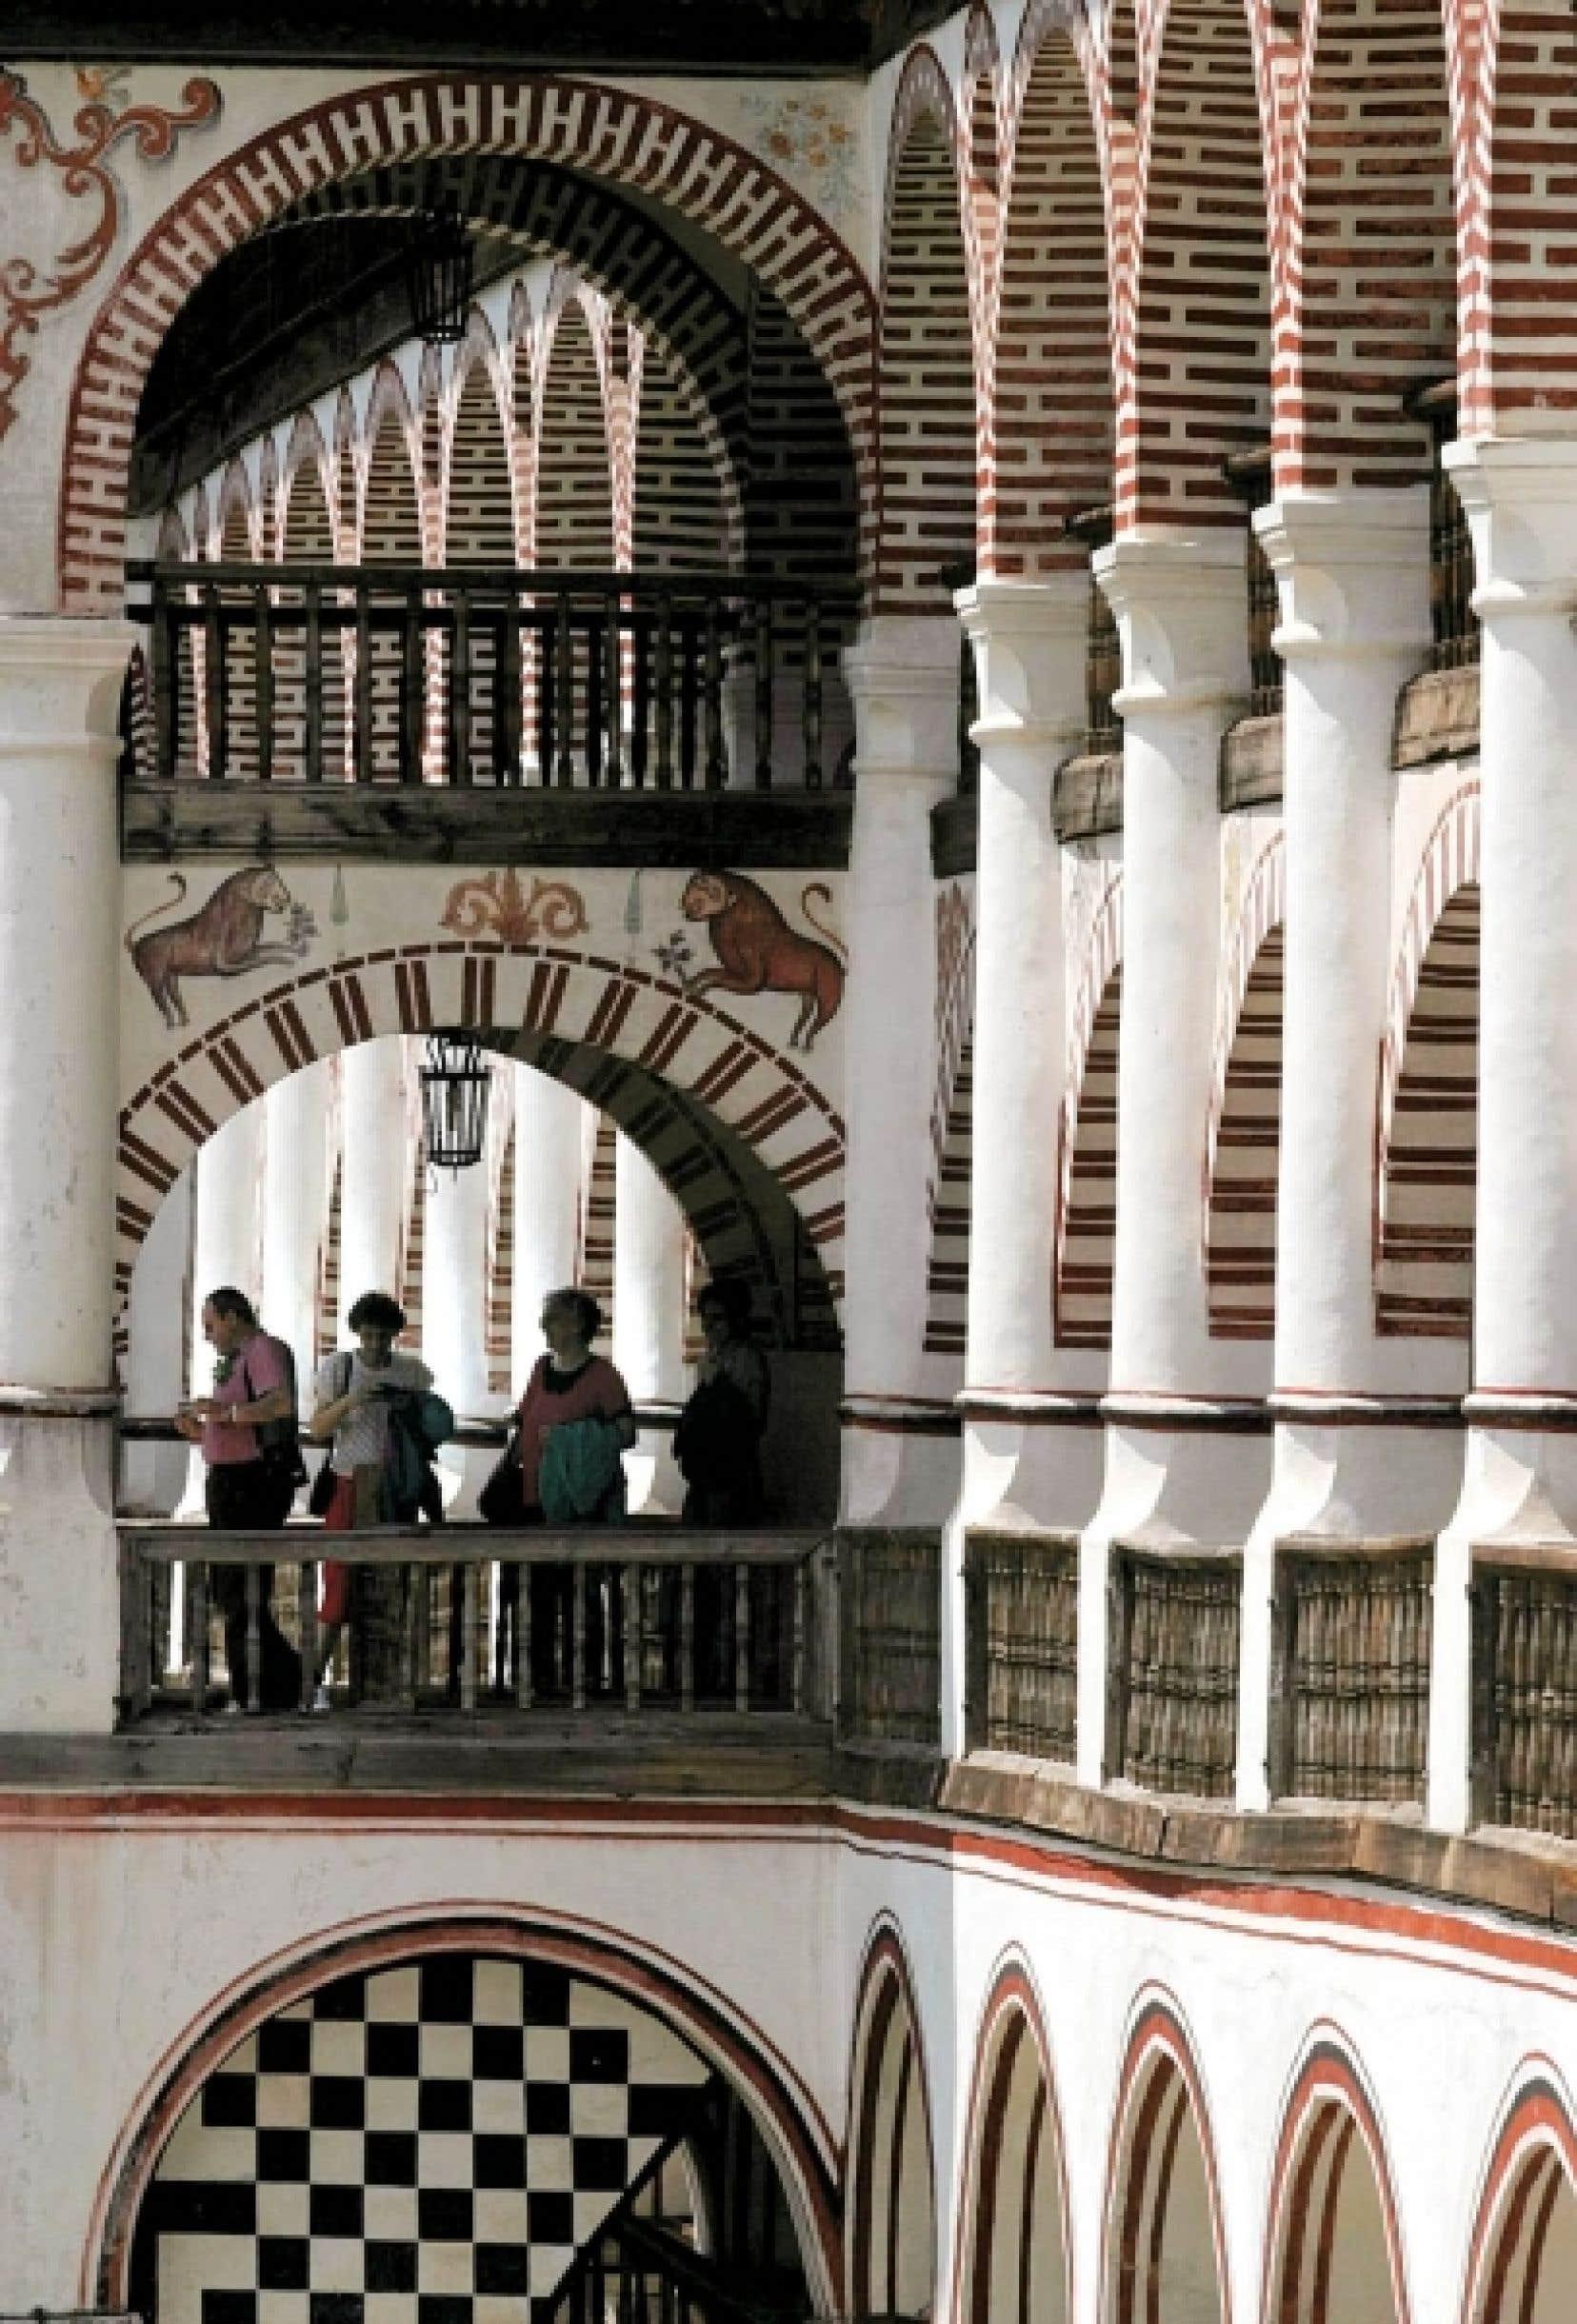 Le monastère Rila, situé à environ 120 kilomètres au sud de la capitale bulgare, Sofia, a été créé au Xe siècle par Ivan Rilski, un ermite canonisé par l'Église orthodoxe.<br />